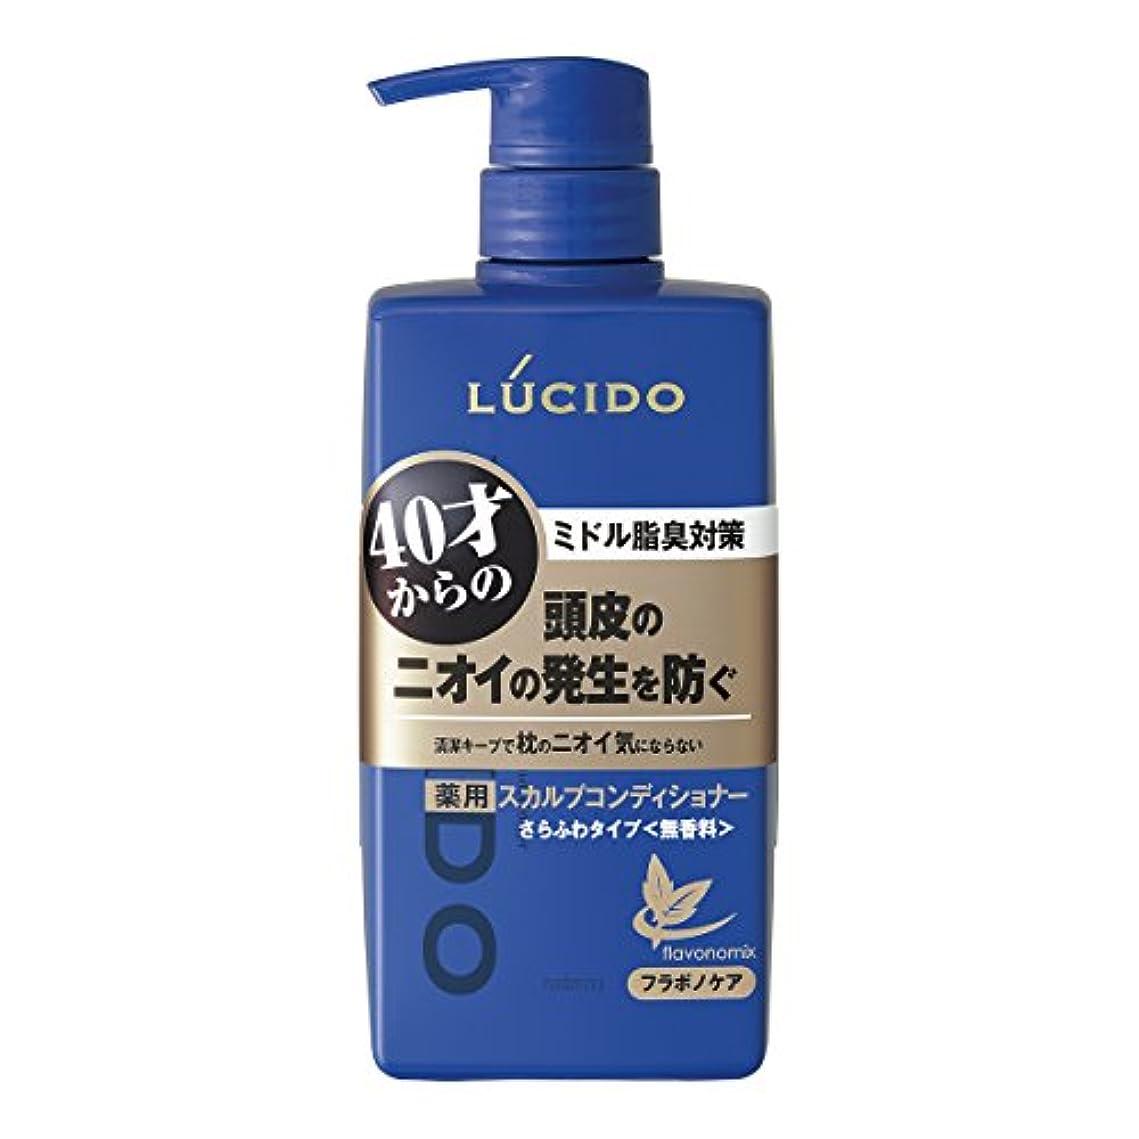 発言するマトリックスユニークなルシード 薬用ヘア&スカルプコンディショナー 450g(医薬部外品)